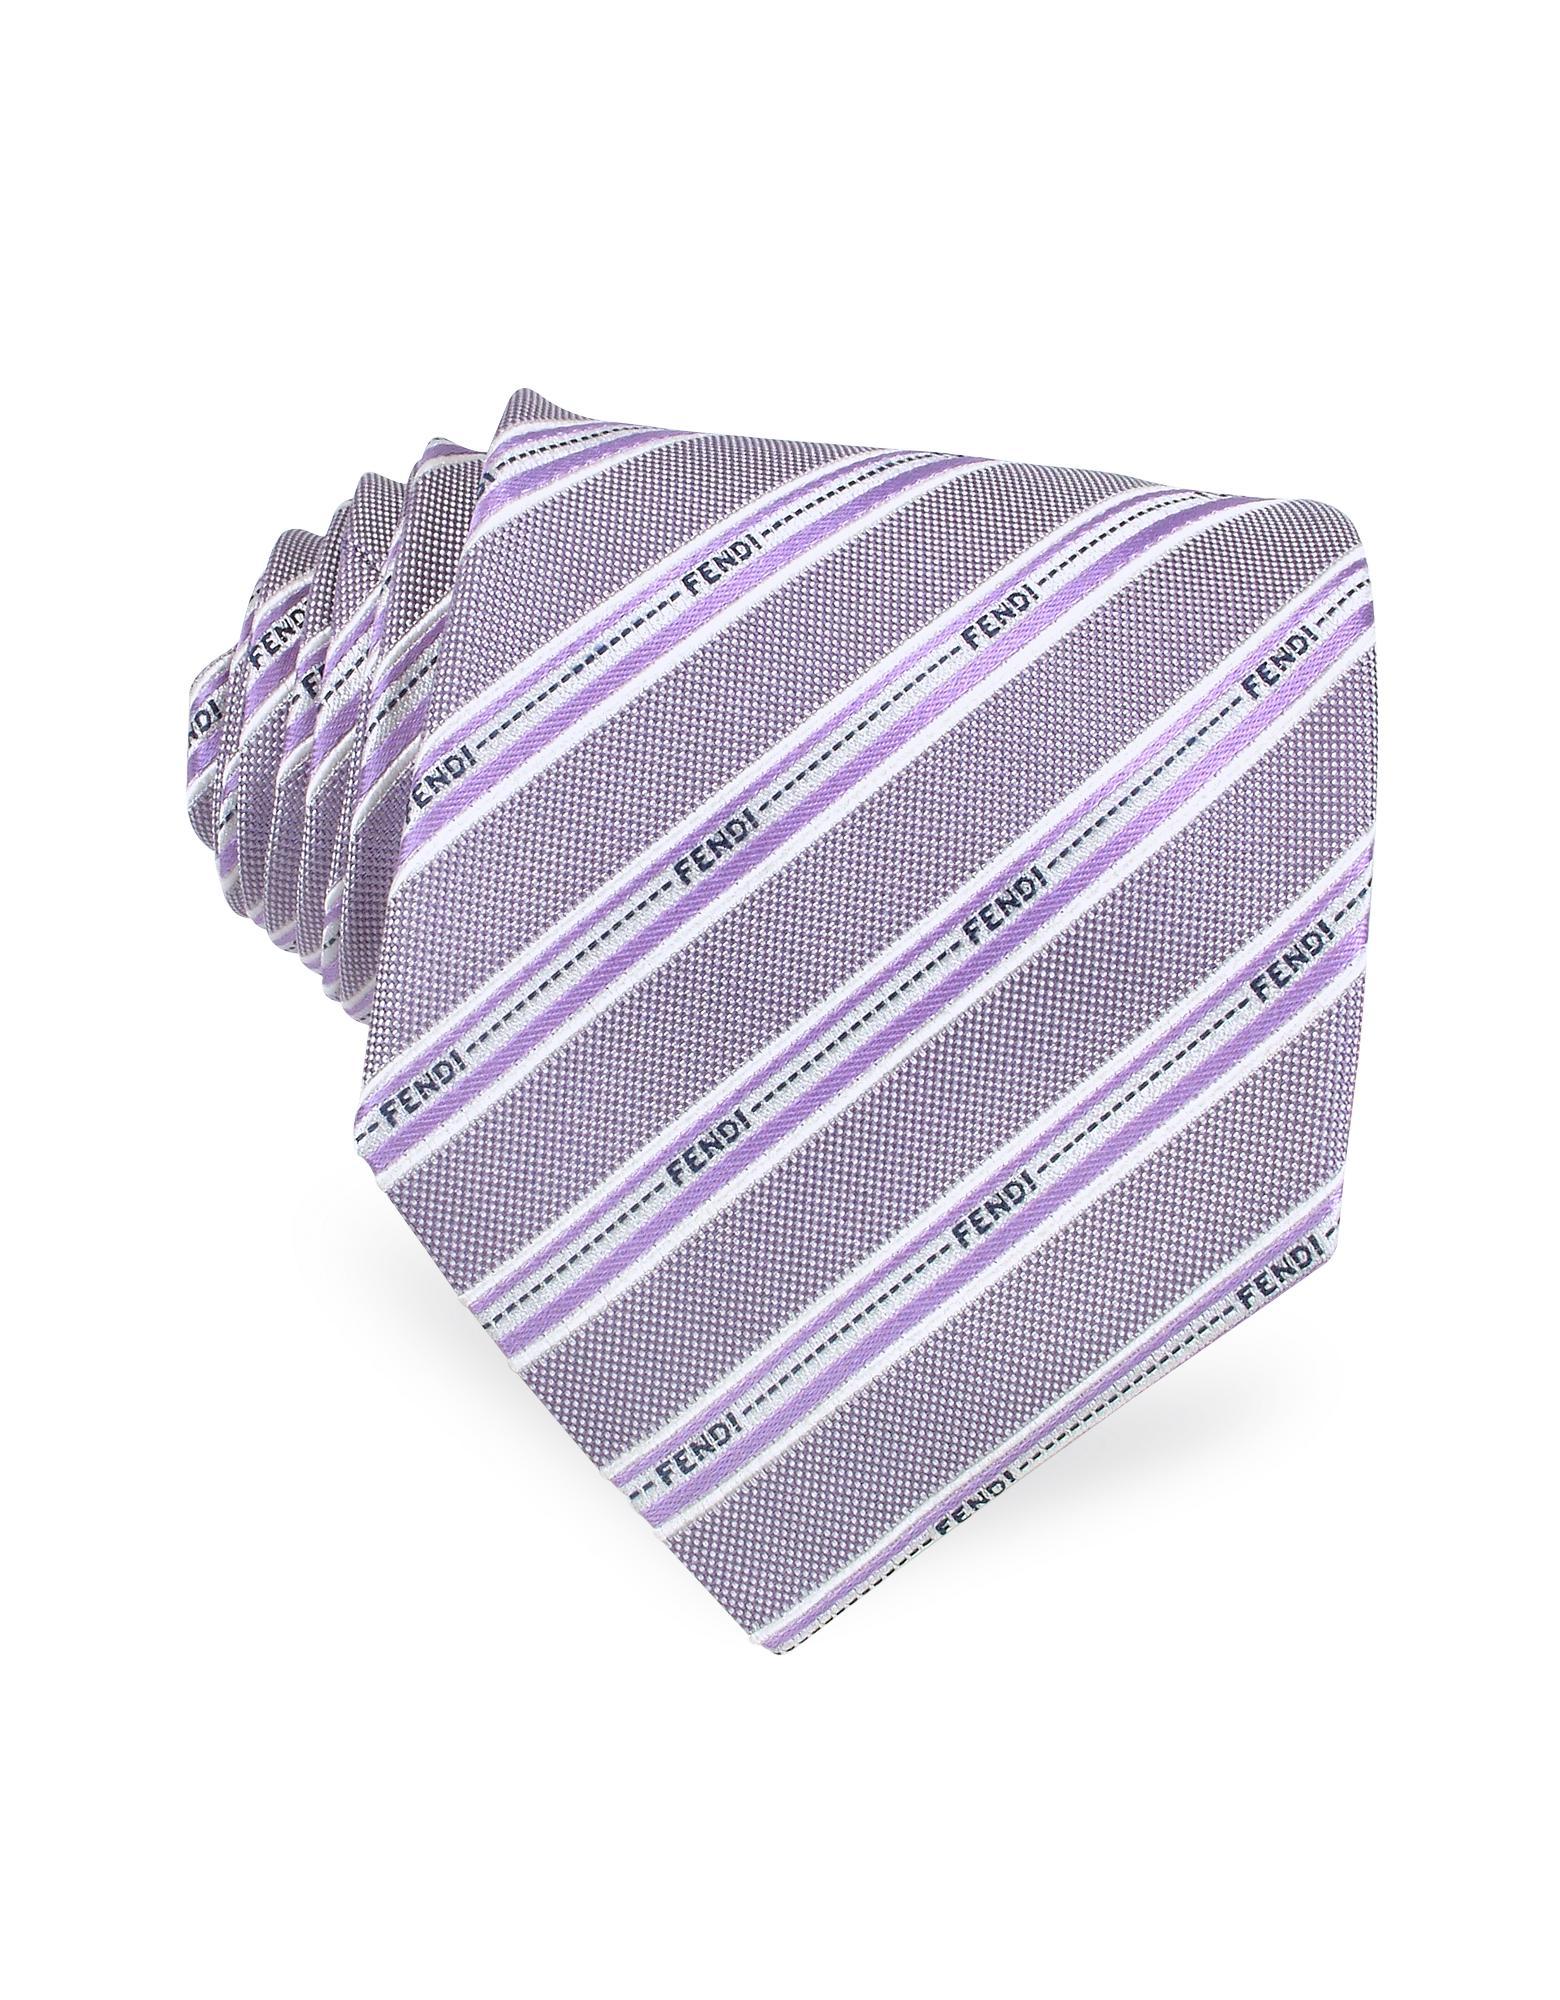 Fendi  Signature Ribbon Bands Woven Silk Tie